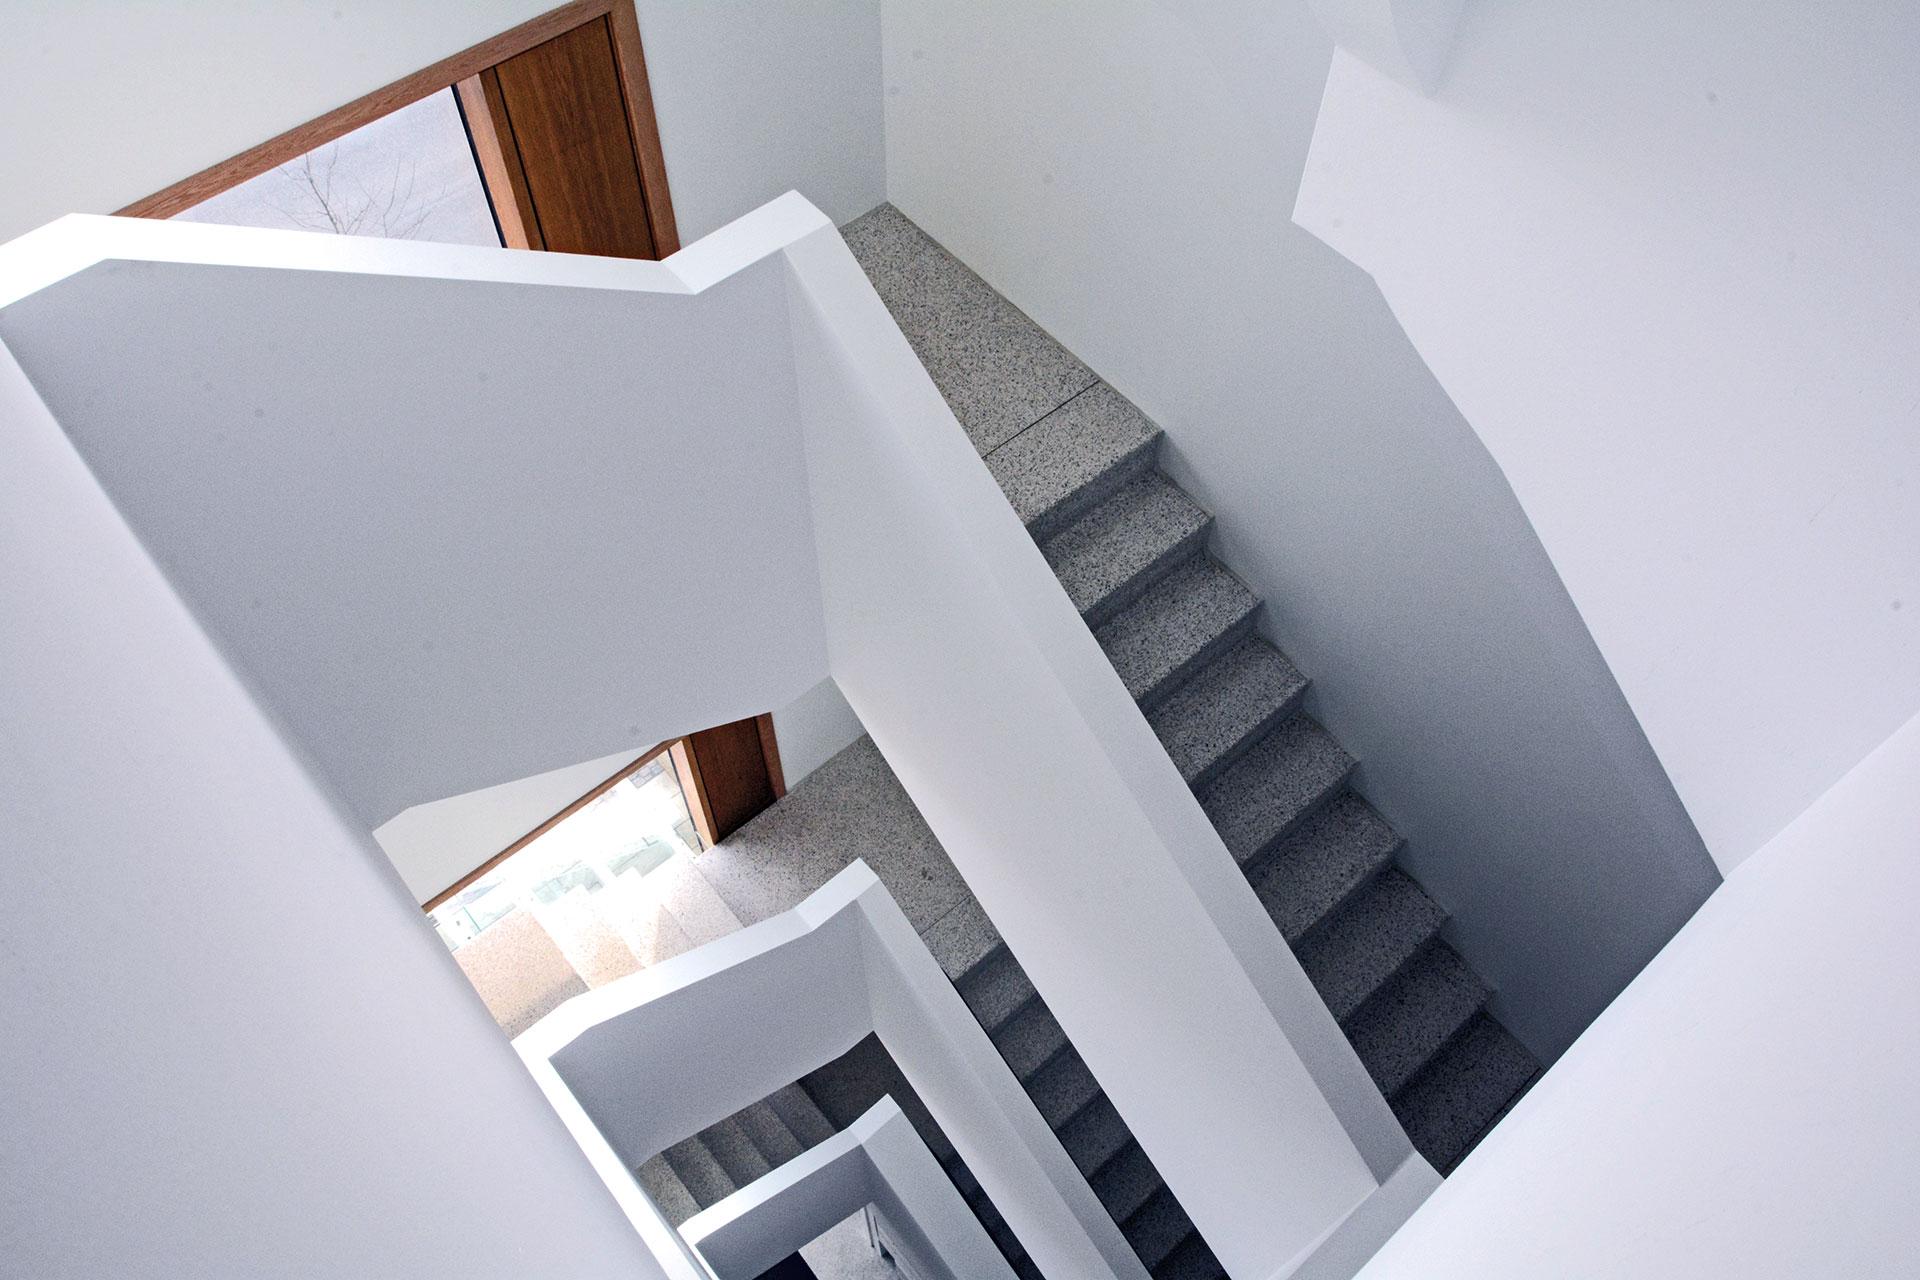 Trapper med terrazzo - Udført i samarbejde med Lotus Concrete